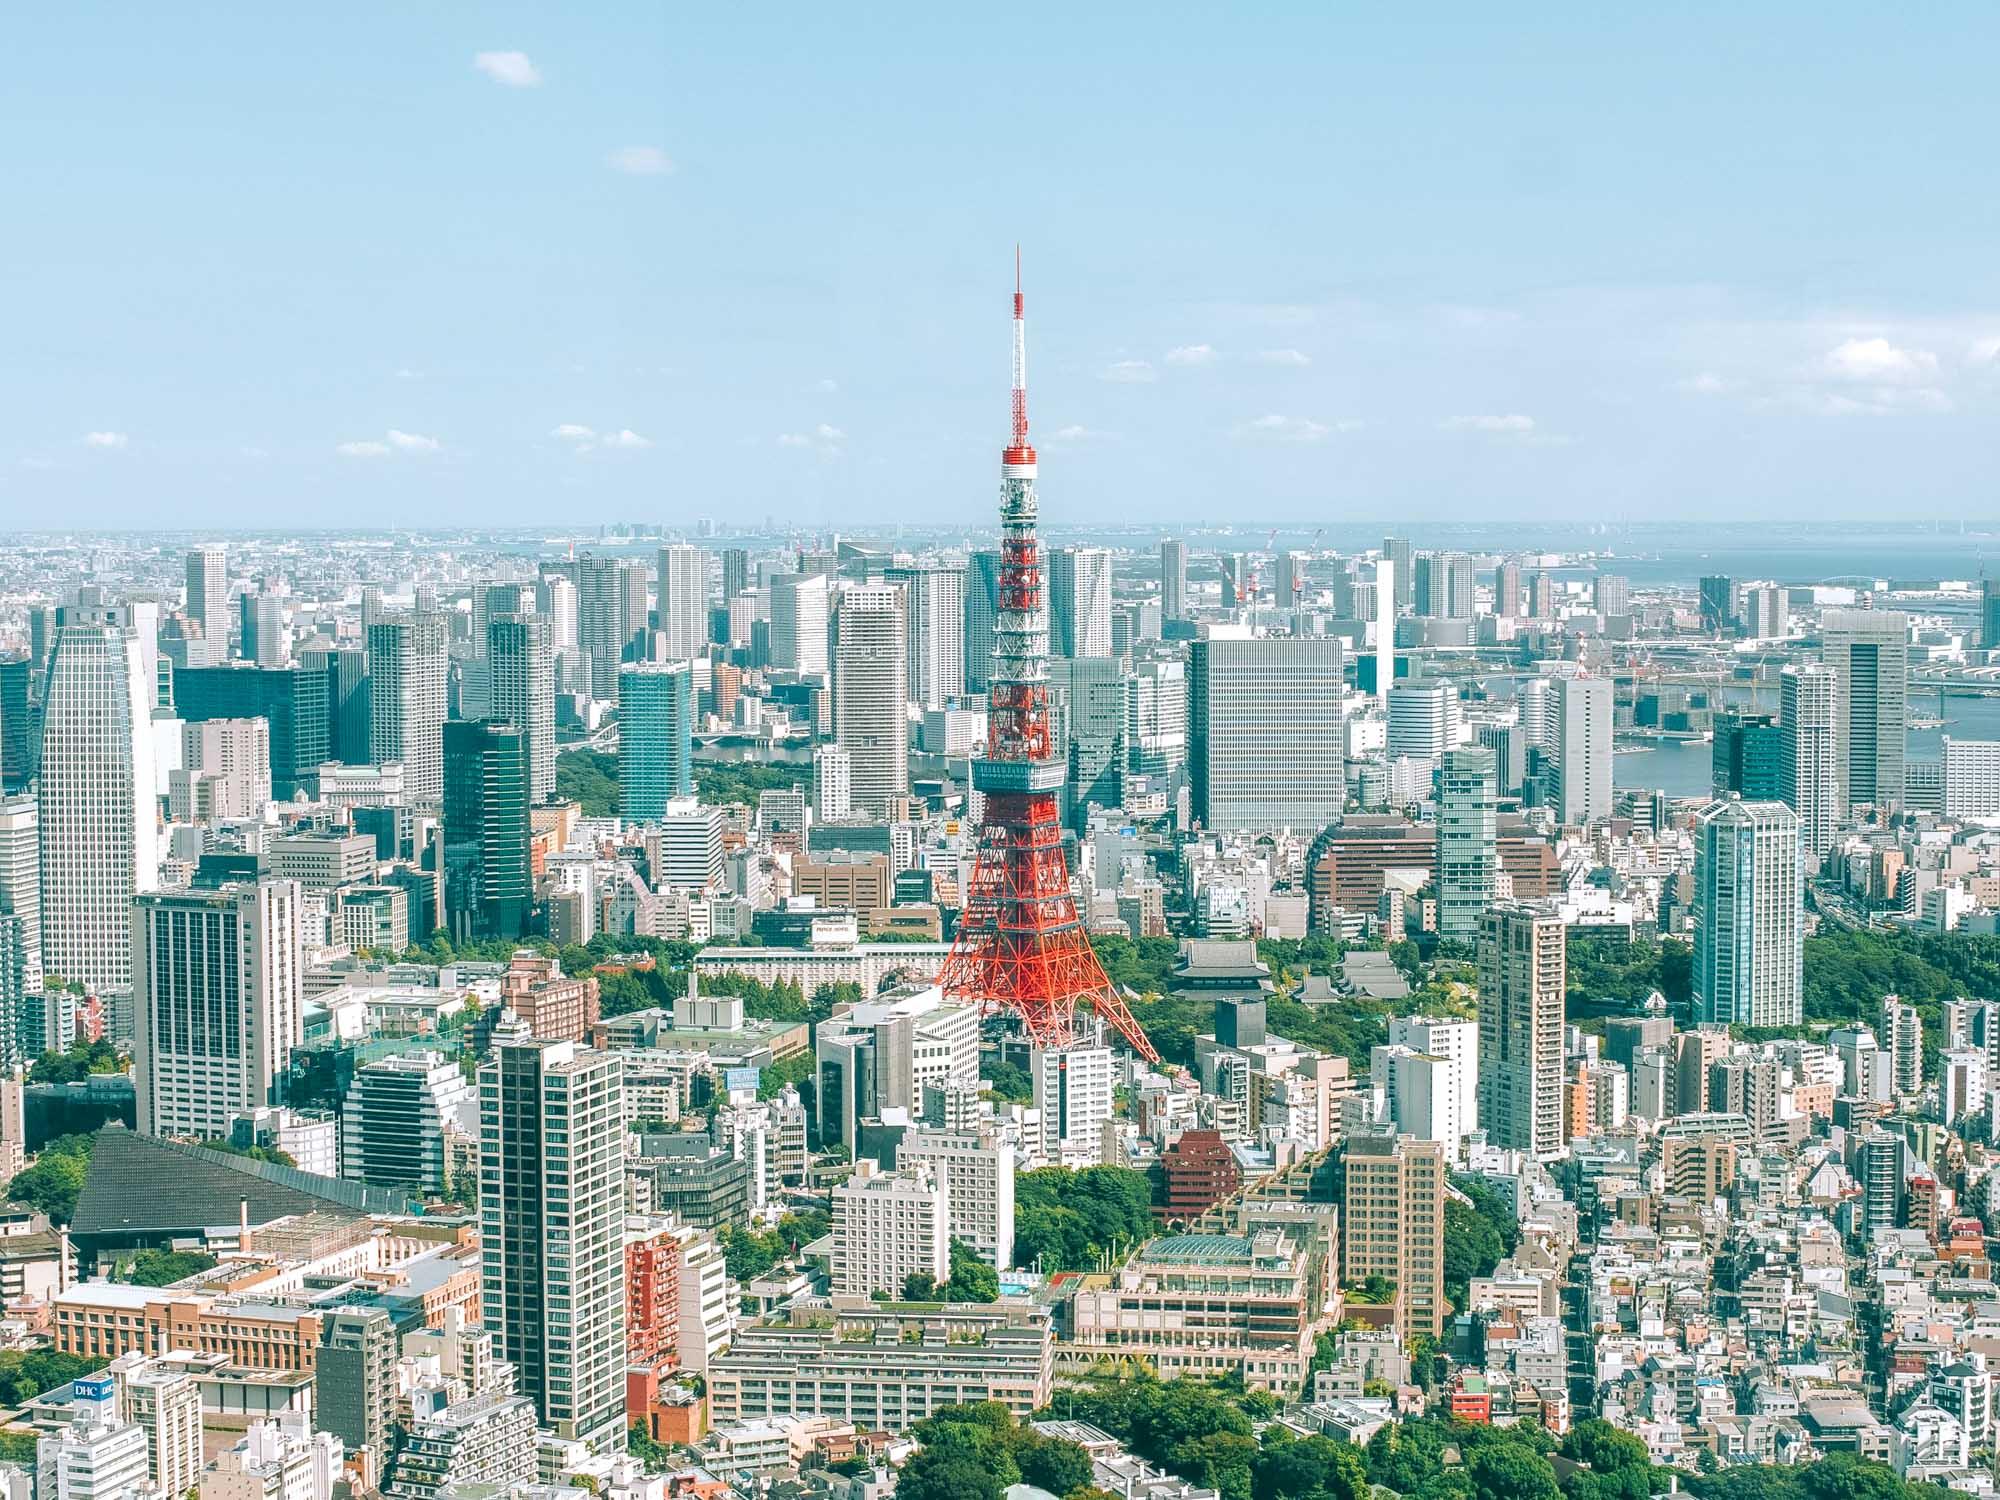 Vistas desde el Museo de Arte Mori en Tokio